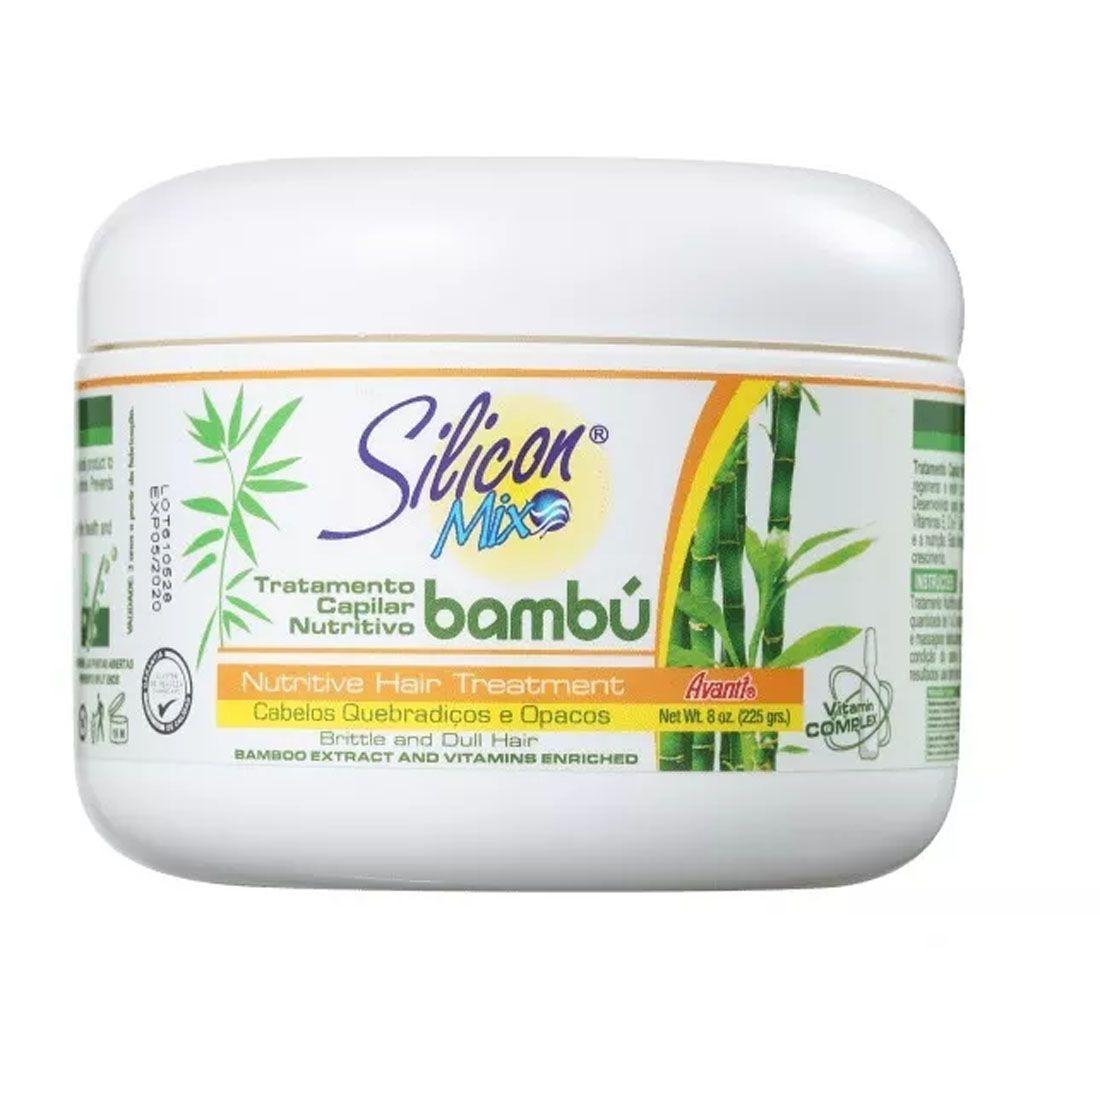 Mascara Capilar Silicon Mix Bambu Nutritivo 225g